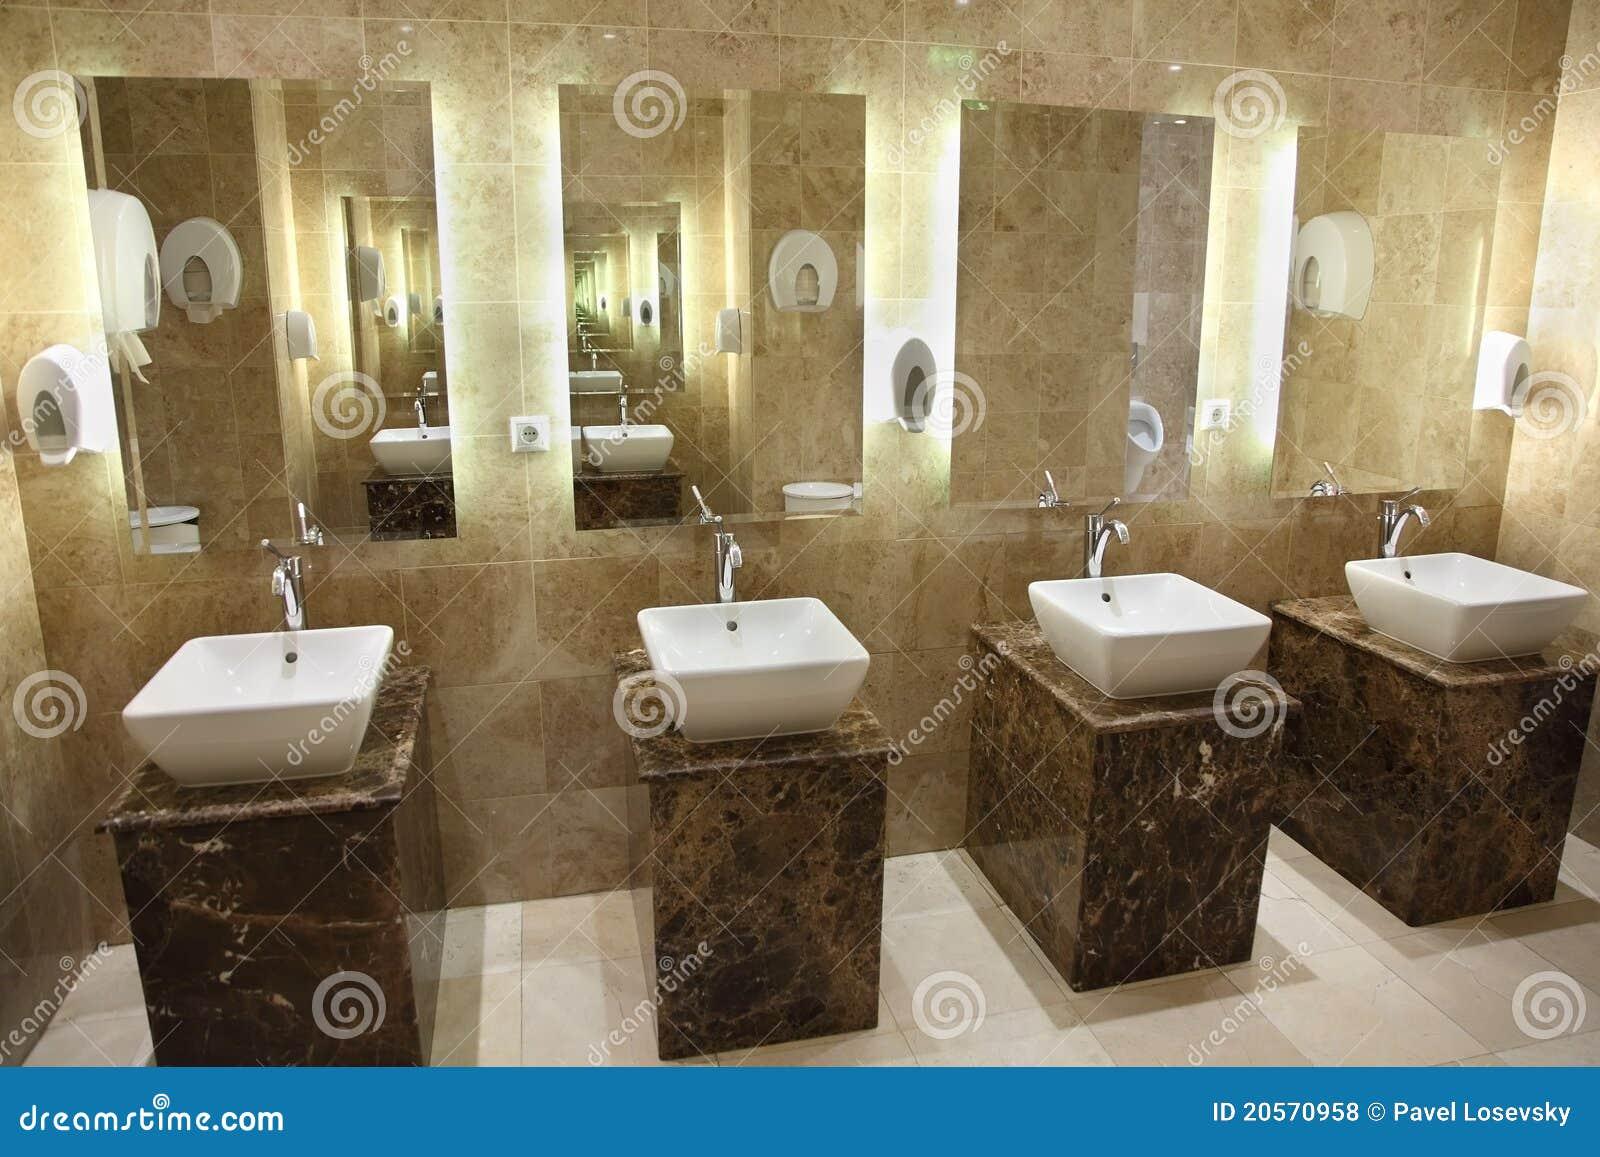 Vaskar Och Speglar I Offentliga Toaletter Royaltyfria Foton - Bild ...